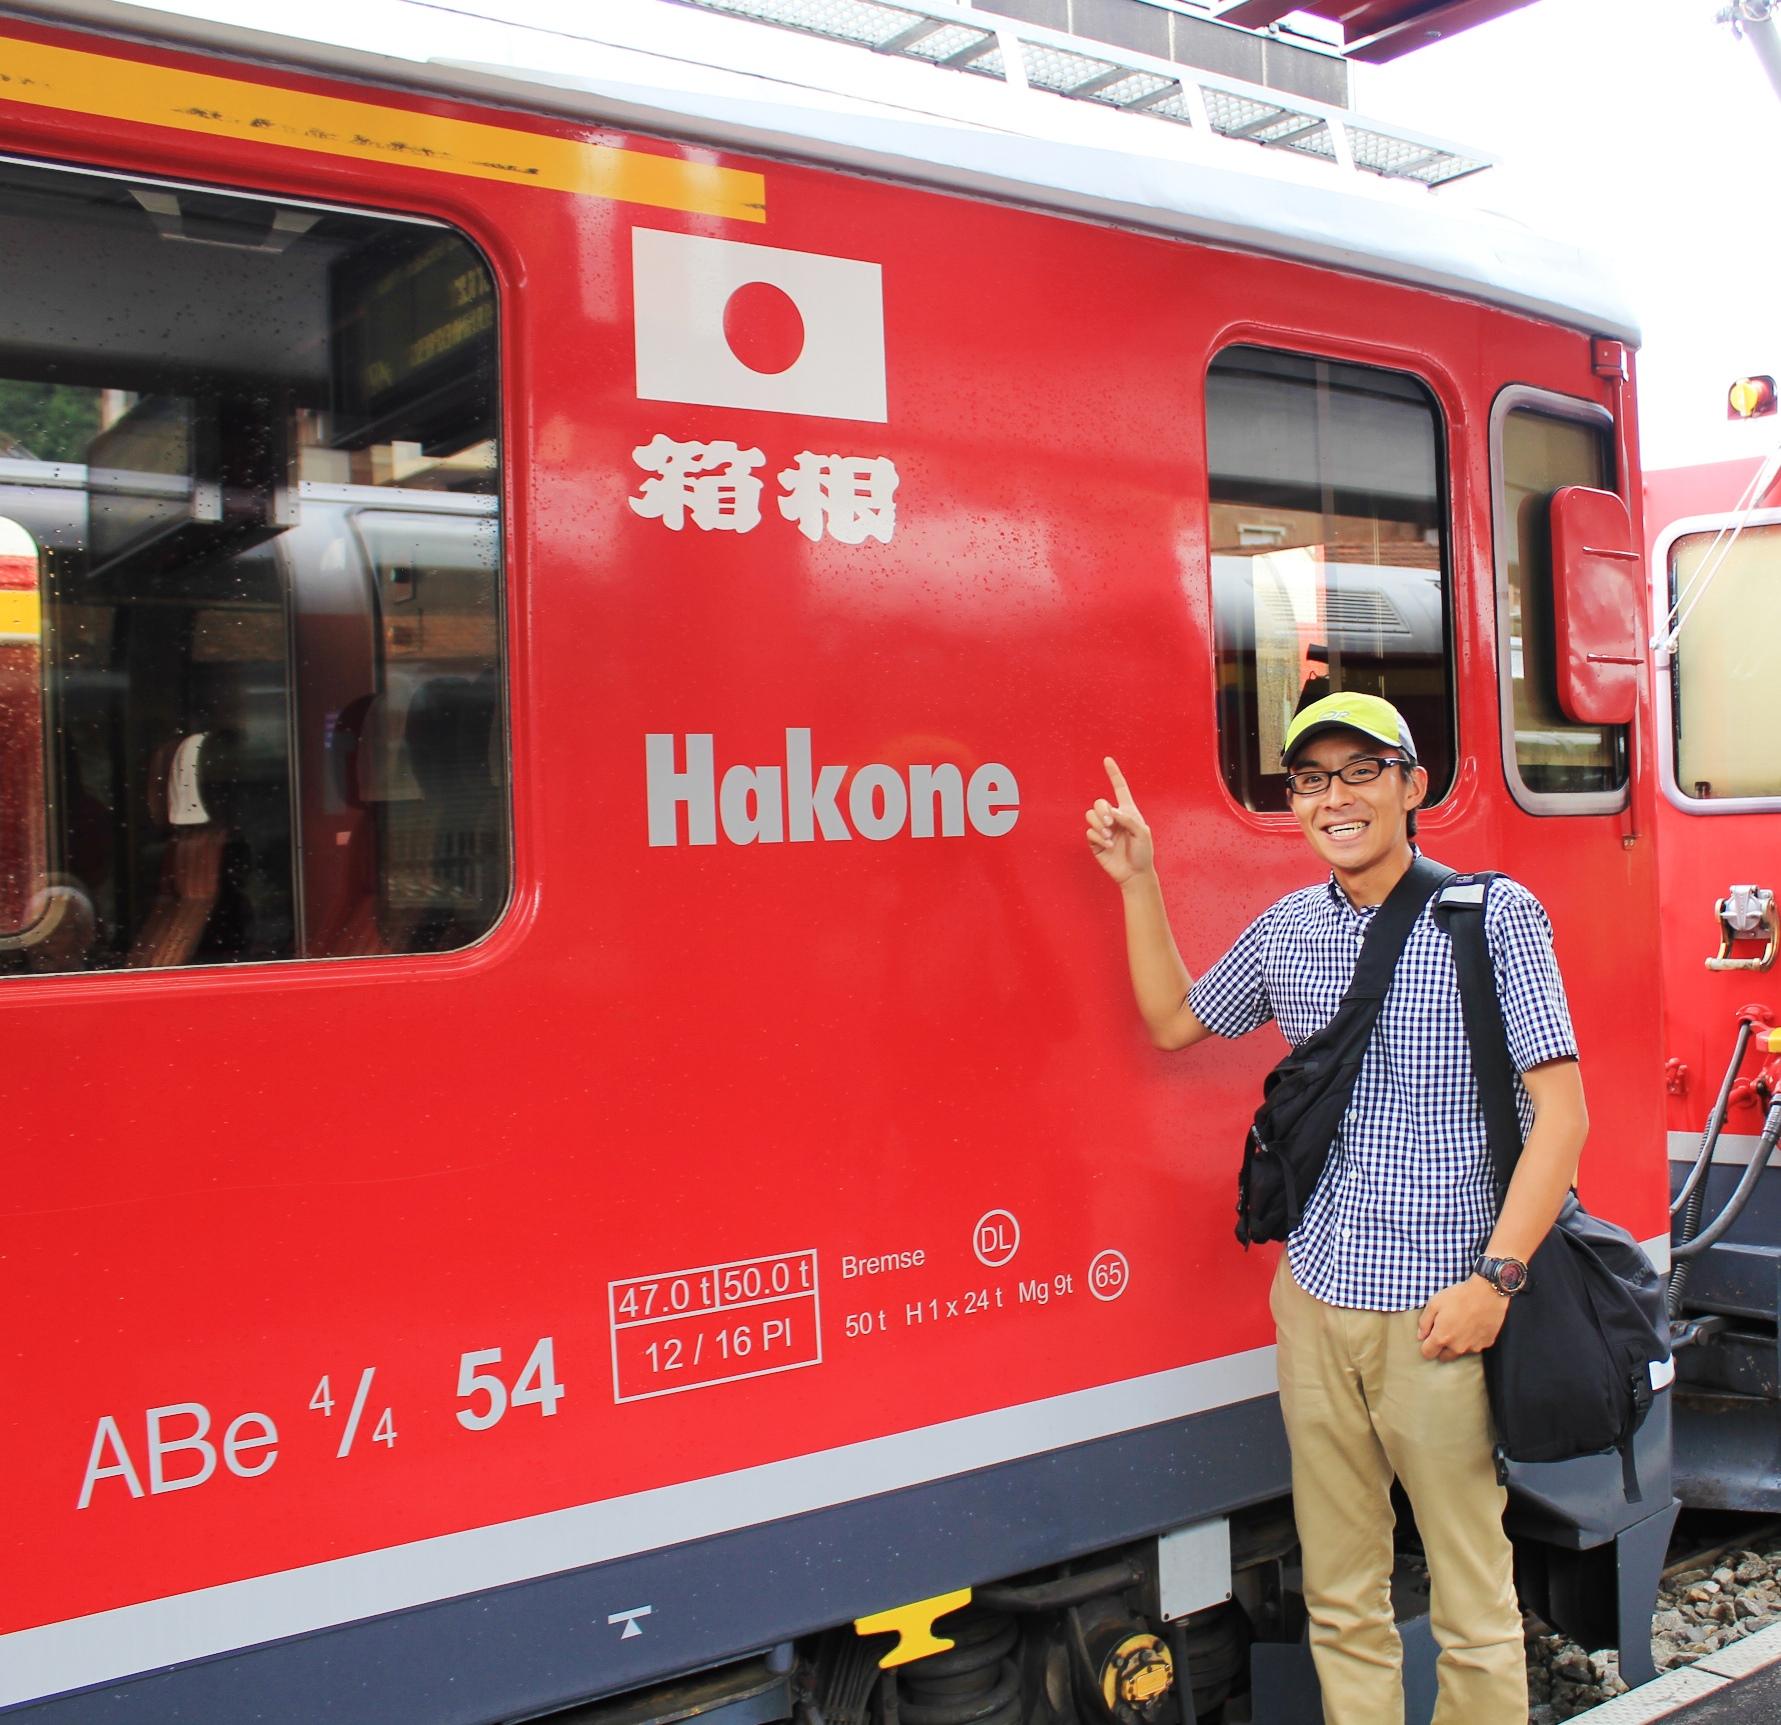 レーティッシュ鉄道と箱根登山鉄道は姉妹鉄道(7日目)